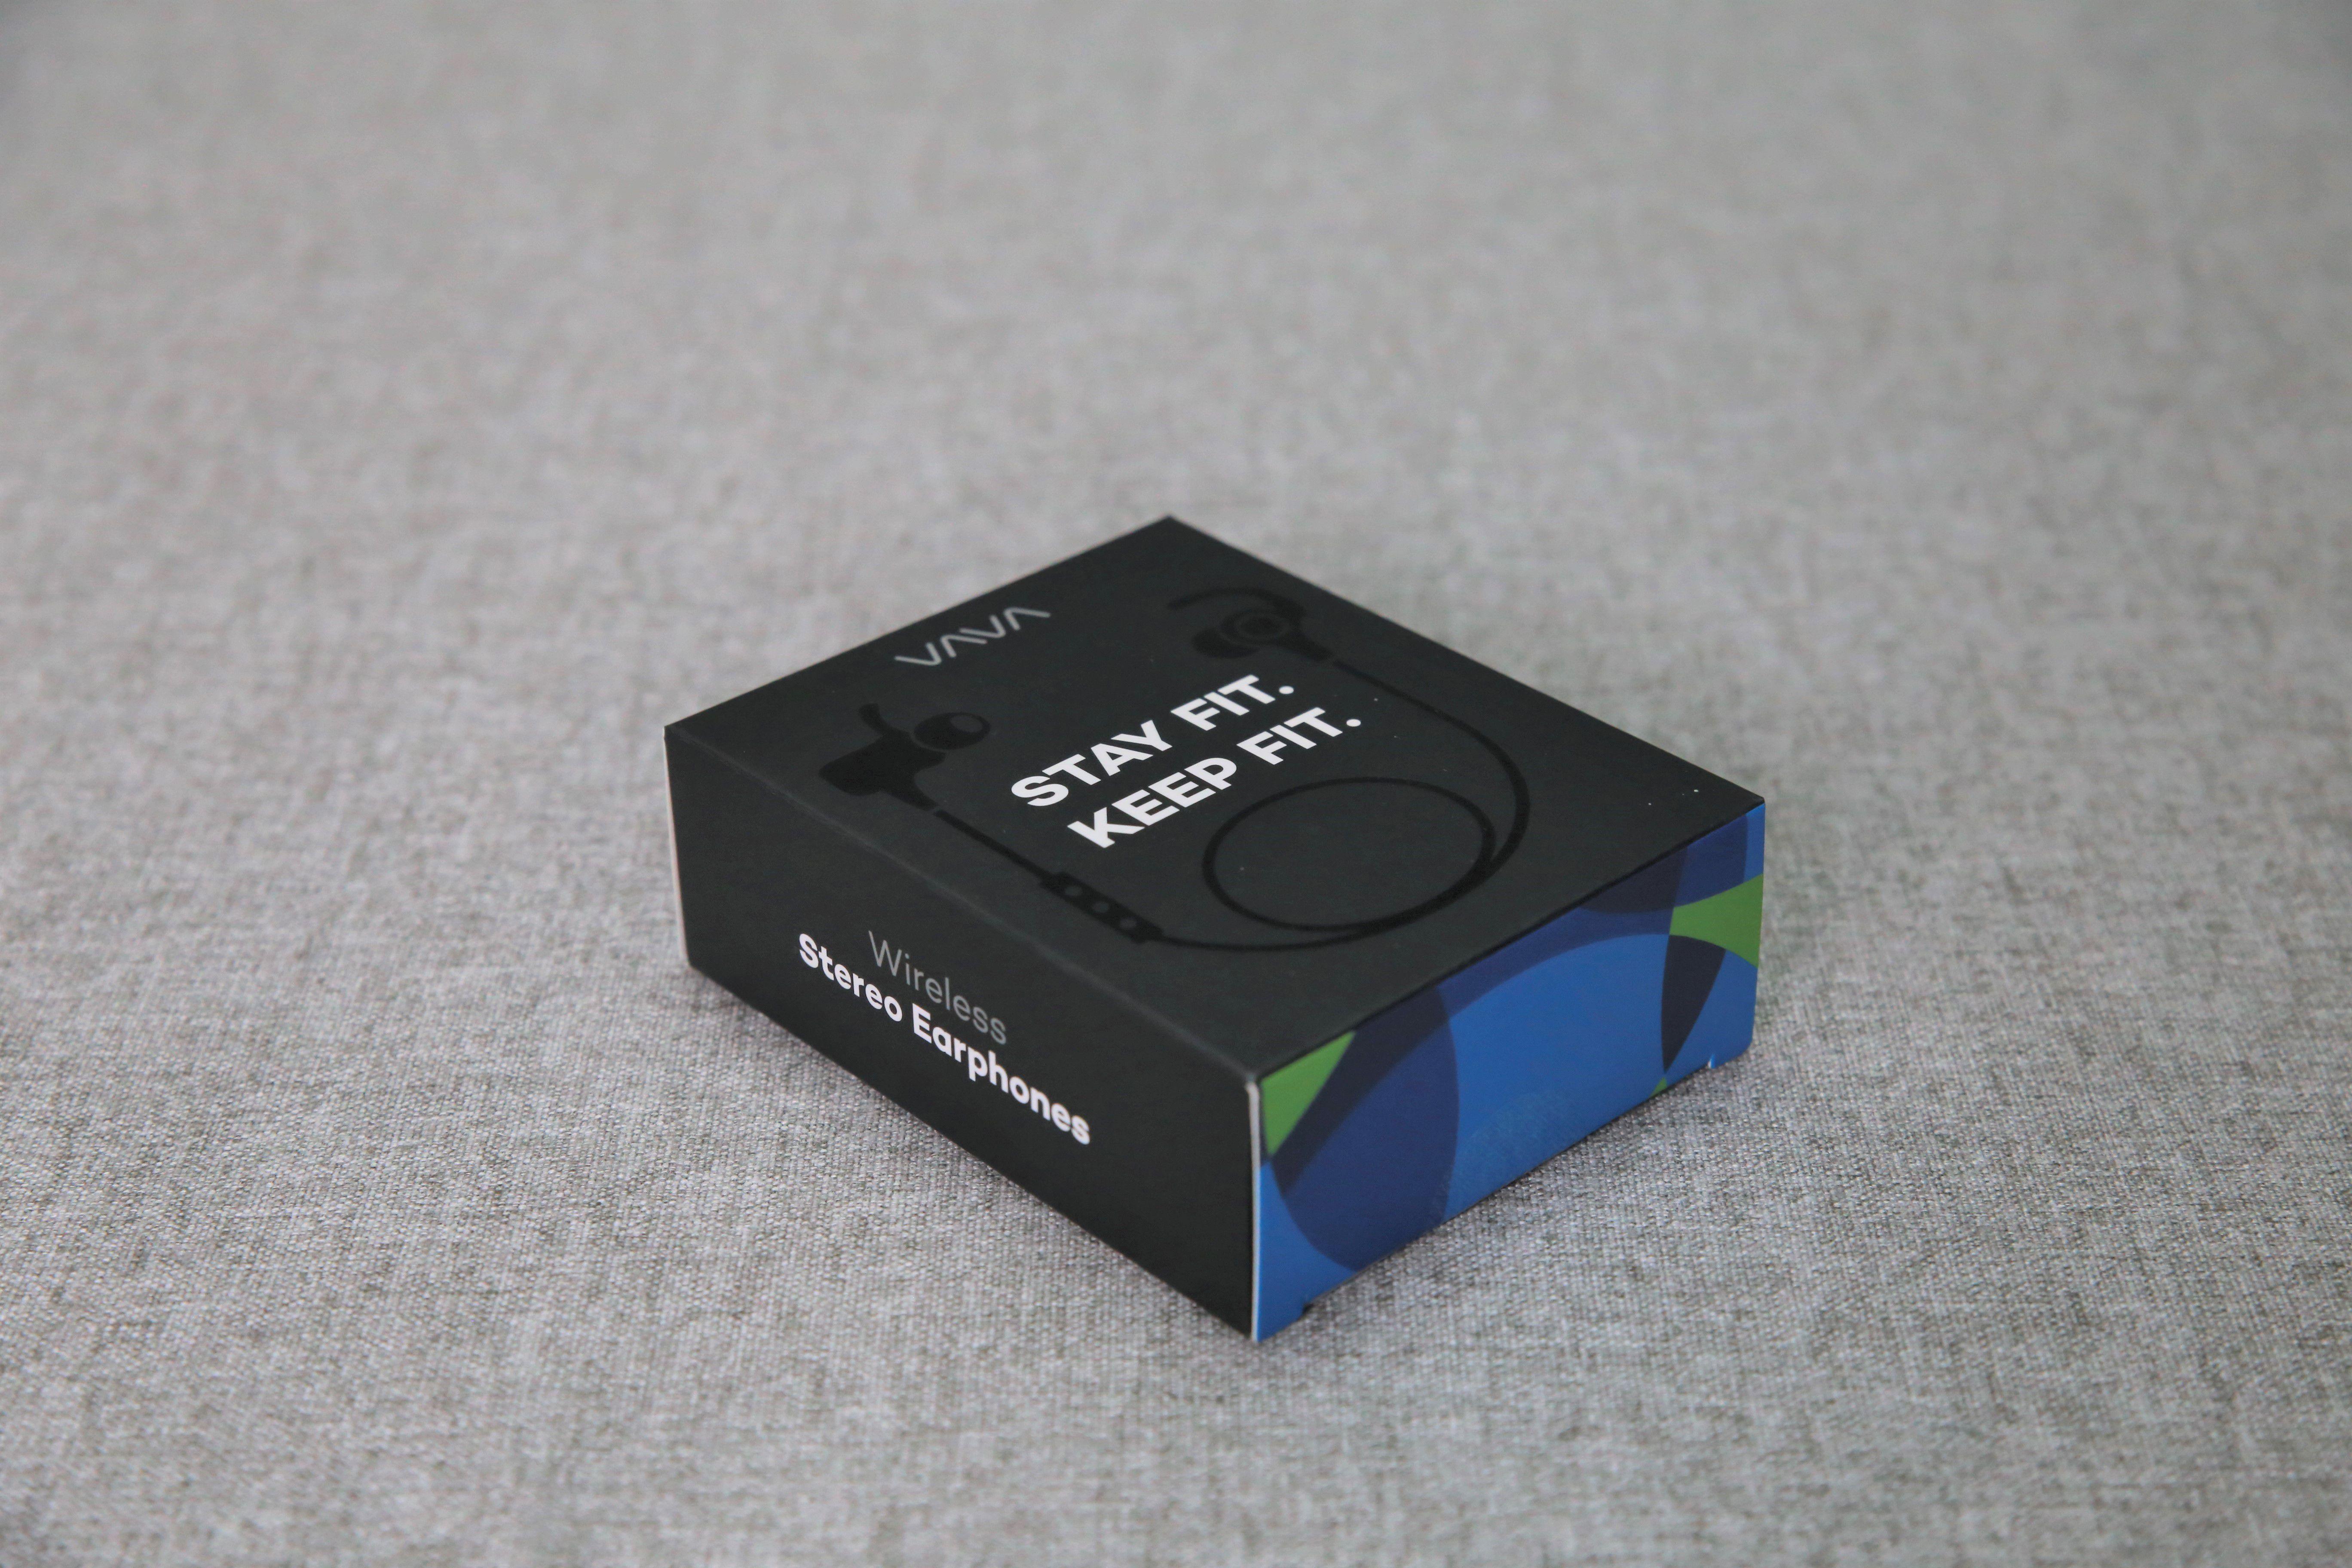 VAVA MOOV 28 磁吸藍牙耳機推薦 - 外盒